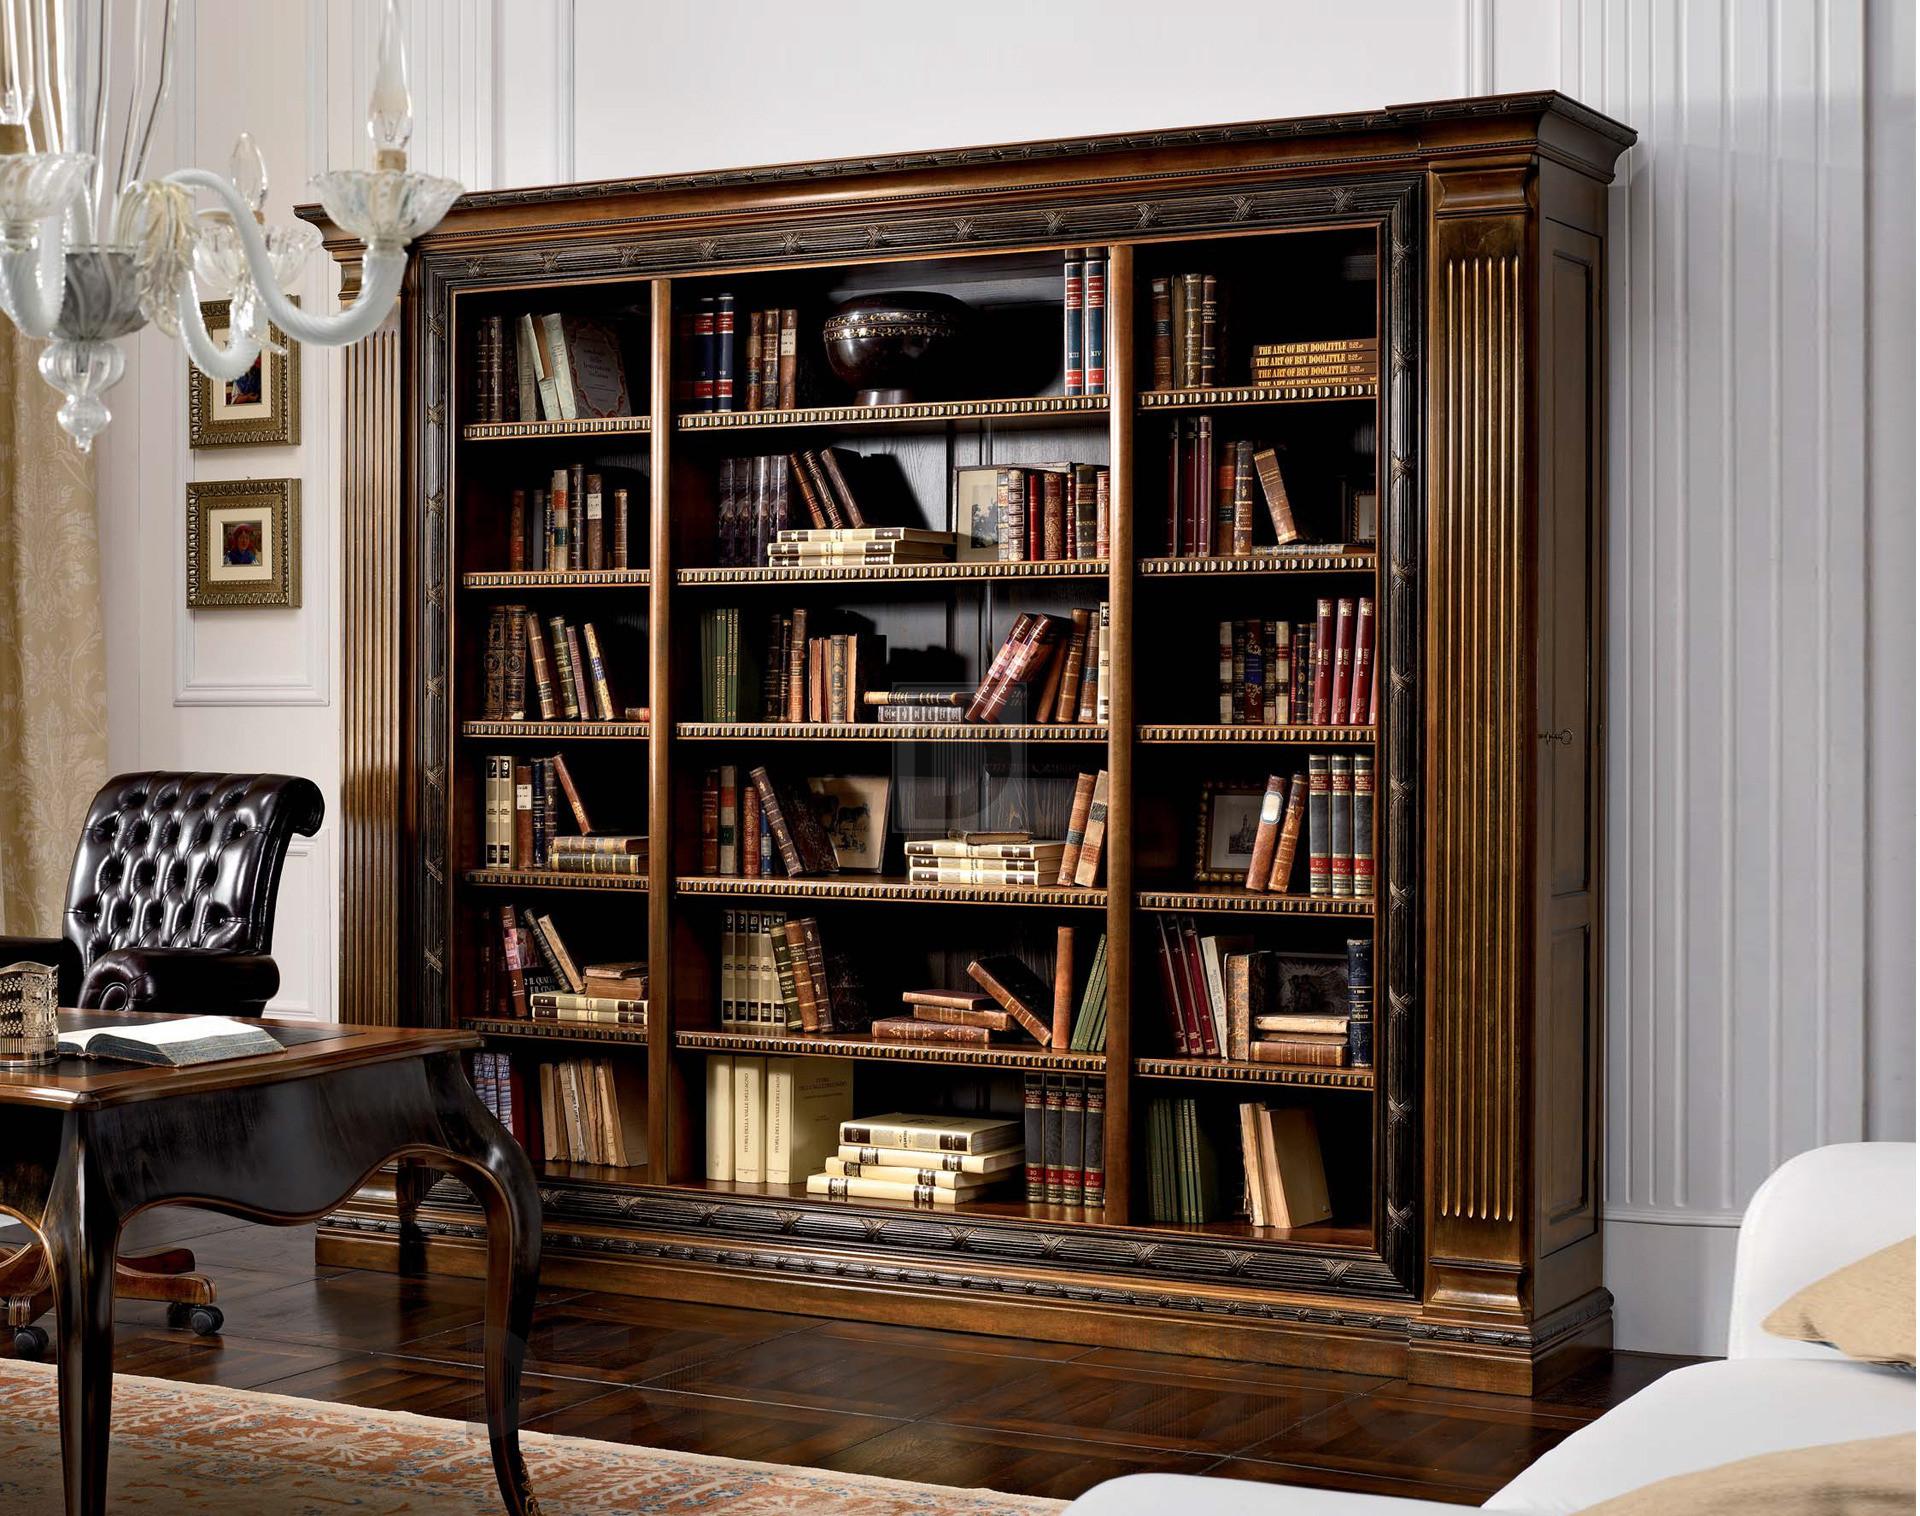 Интерьер с книжными шкафами